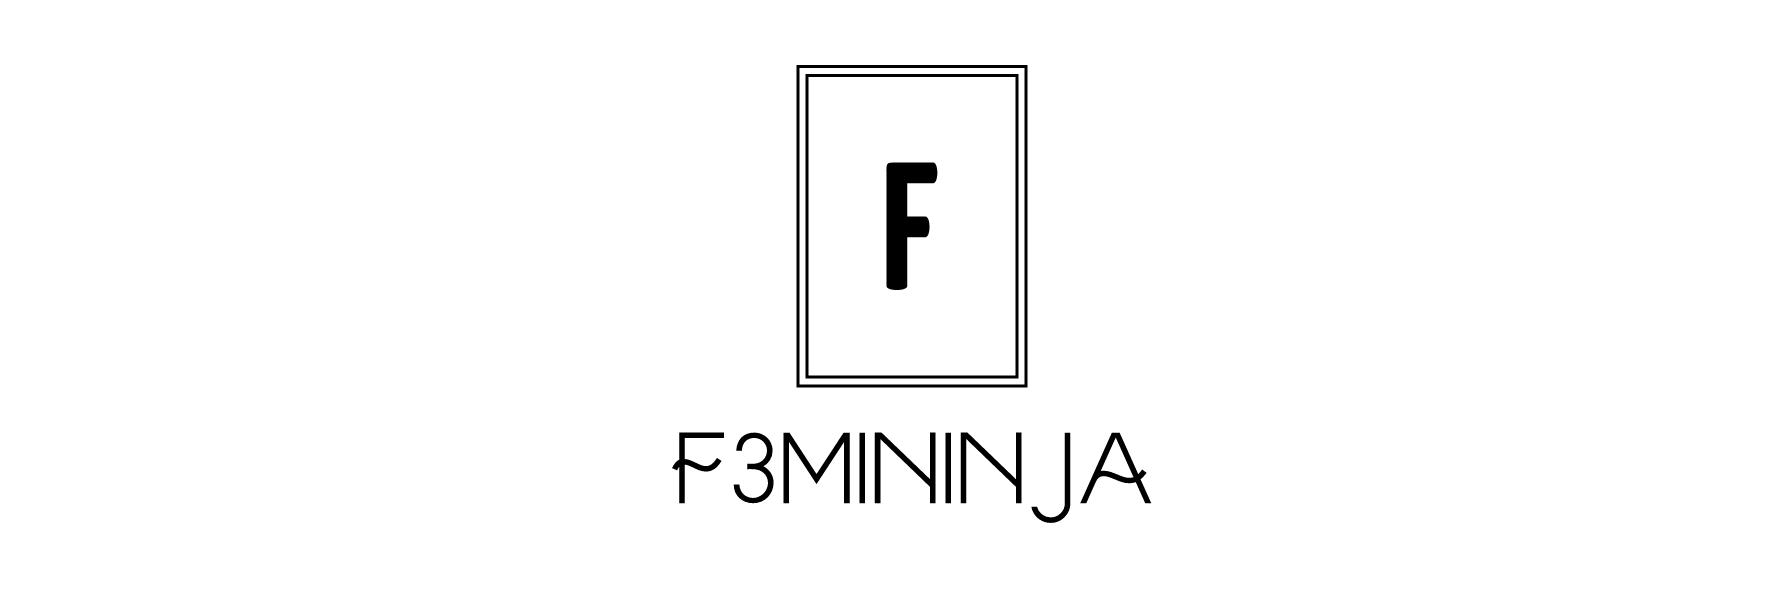 F3mininja ®